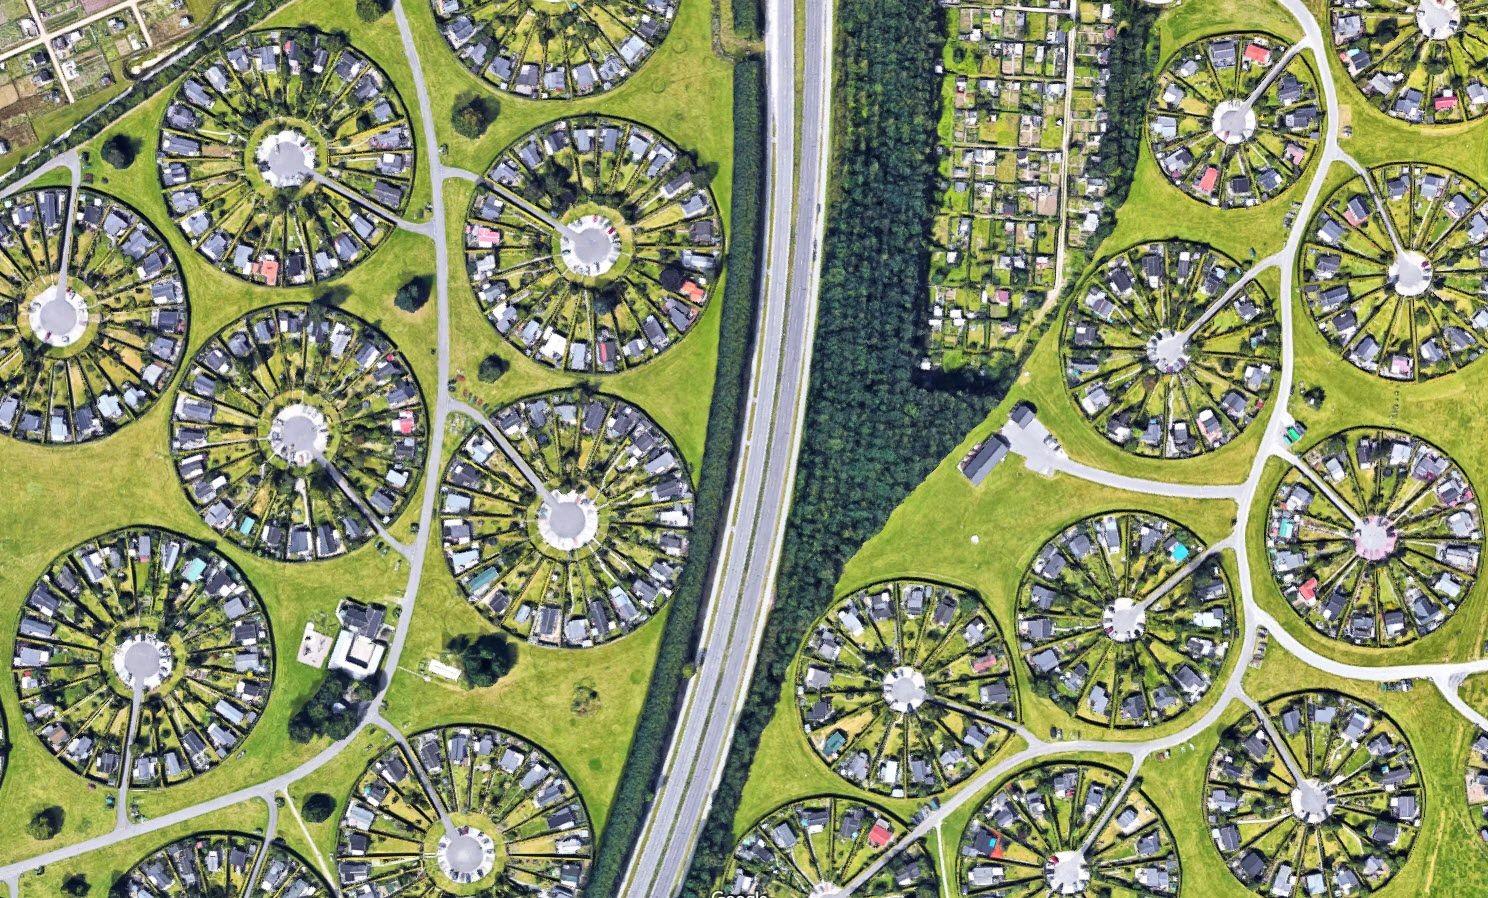 Die 12 kreisrunden Gemeinschaftsgärten sind vom Satelliten aus gut sichtbar.